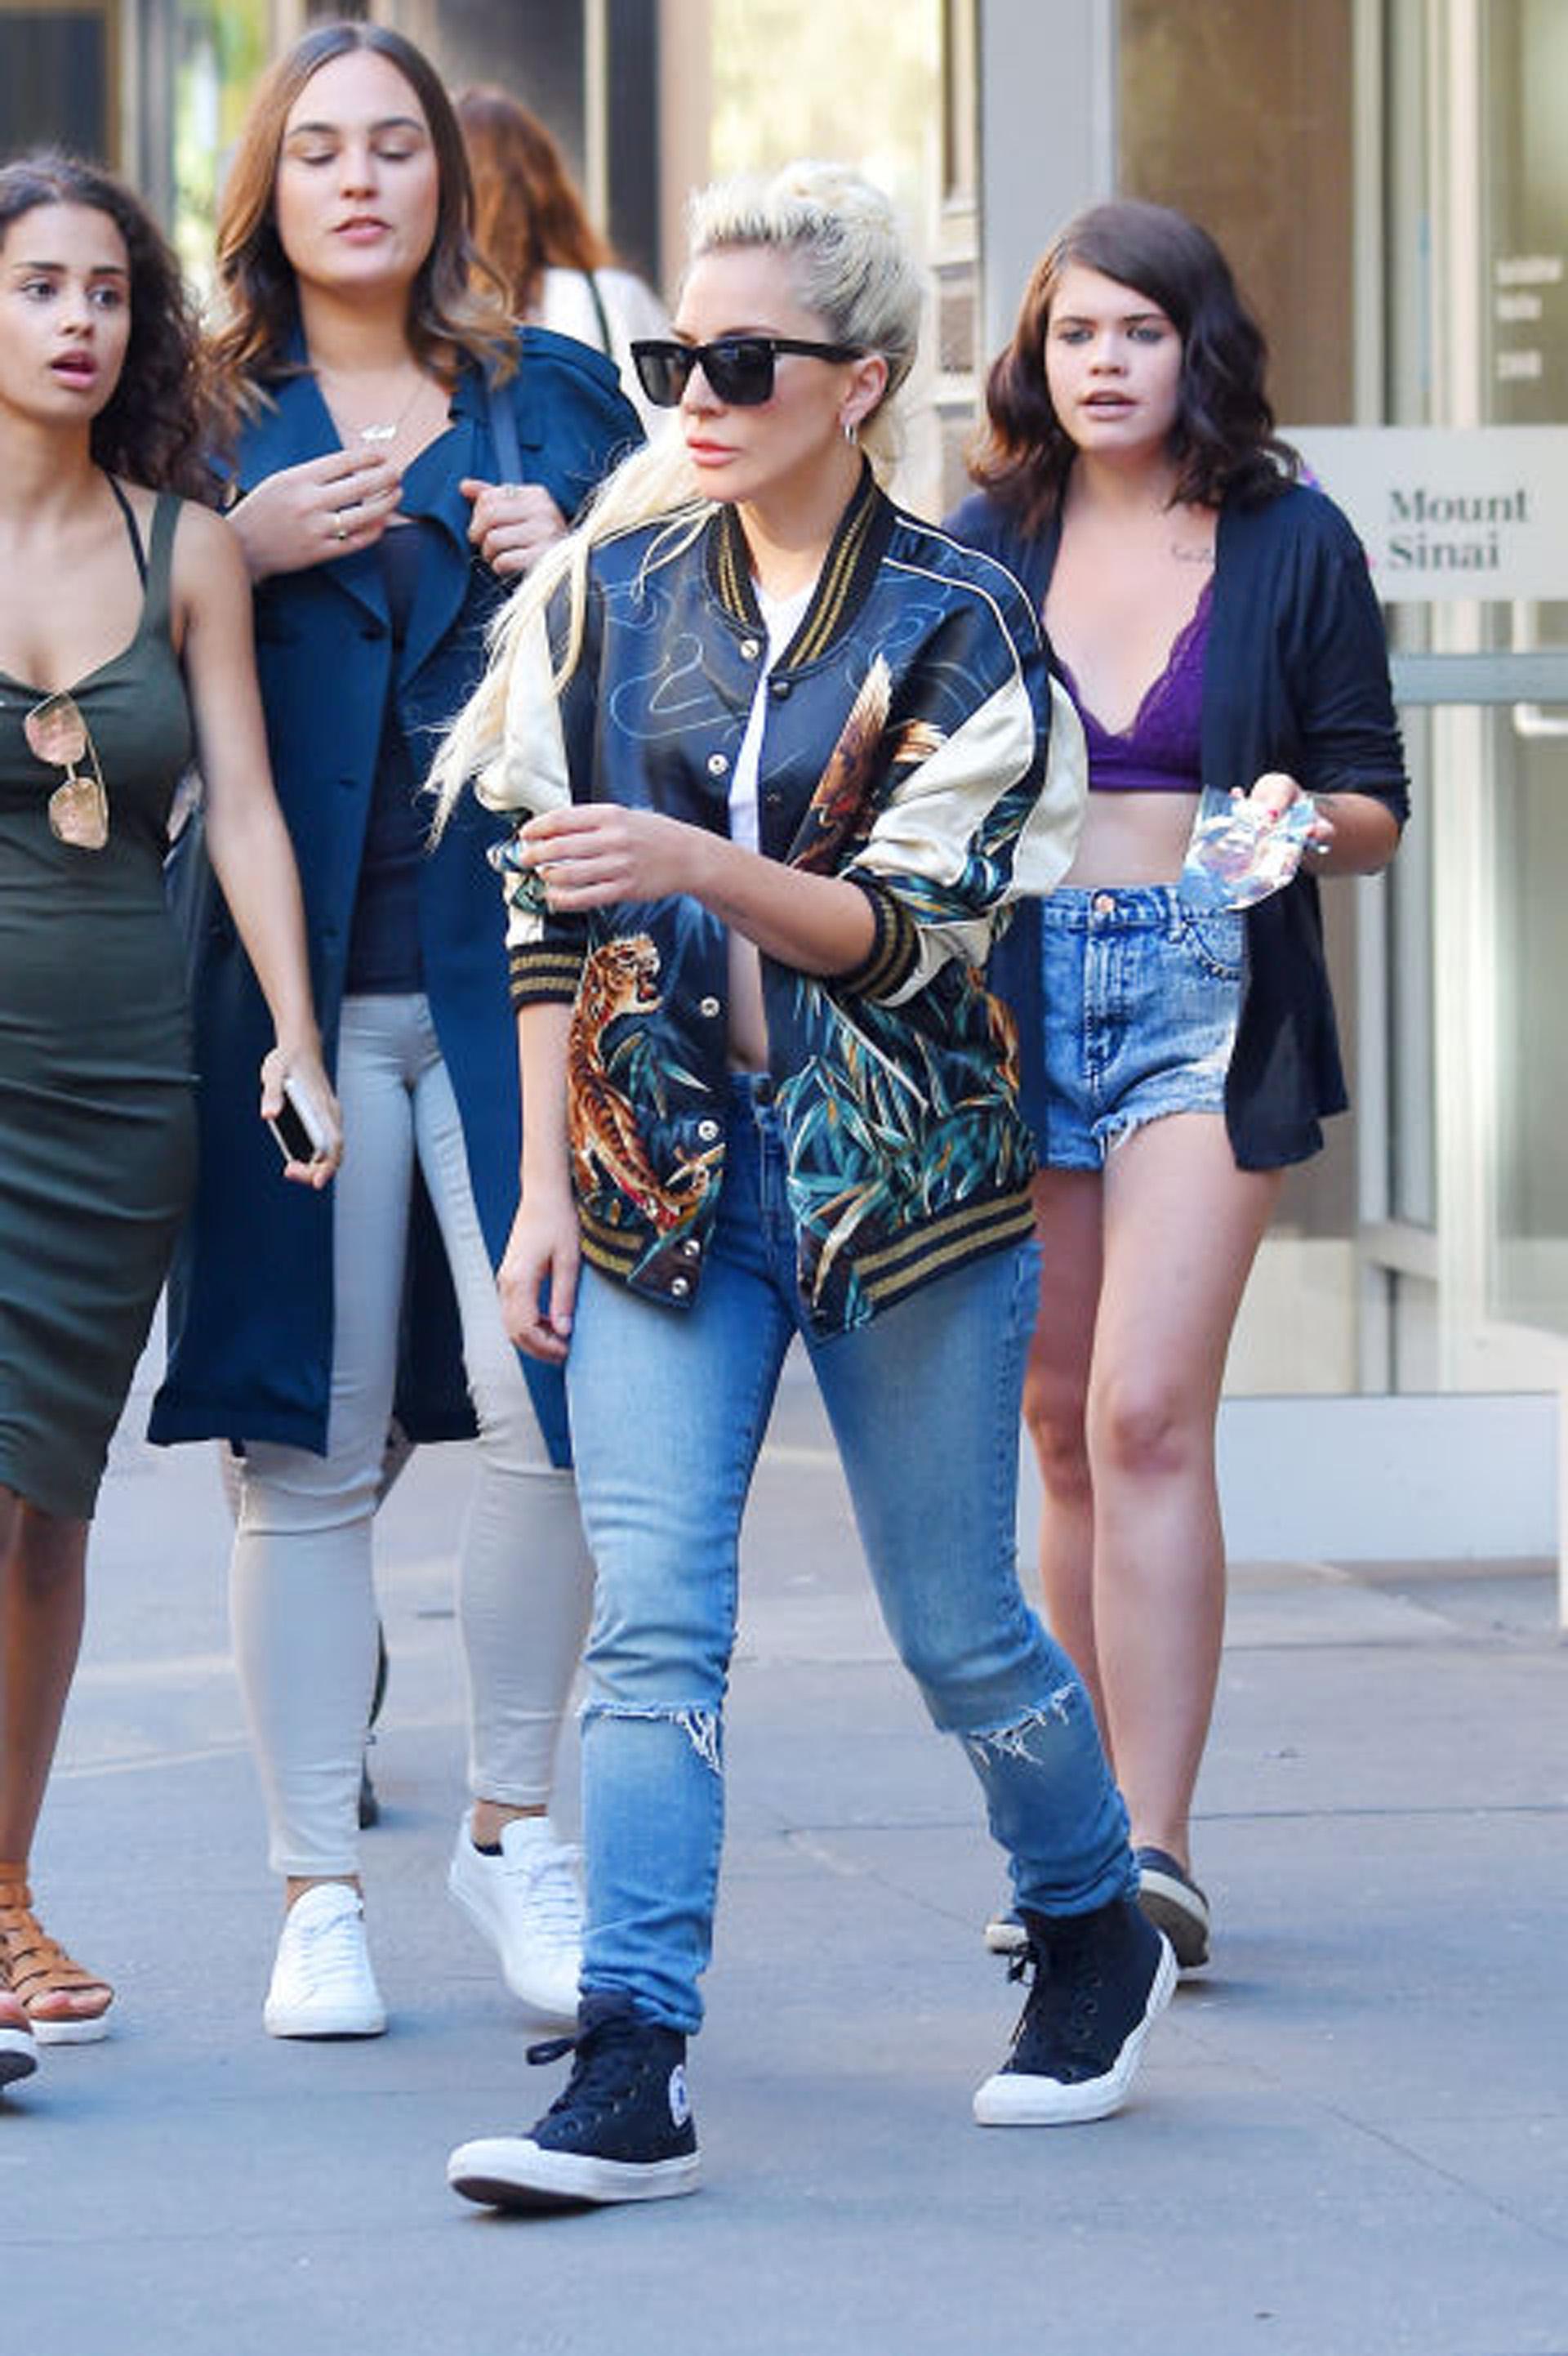 La cantante Lady Gaga, opto por una campera pintada a mano, bordada y combinada con azul y color beige (Getty images)